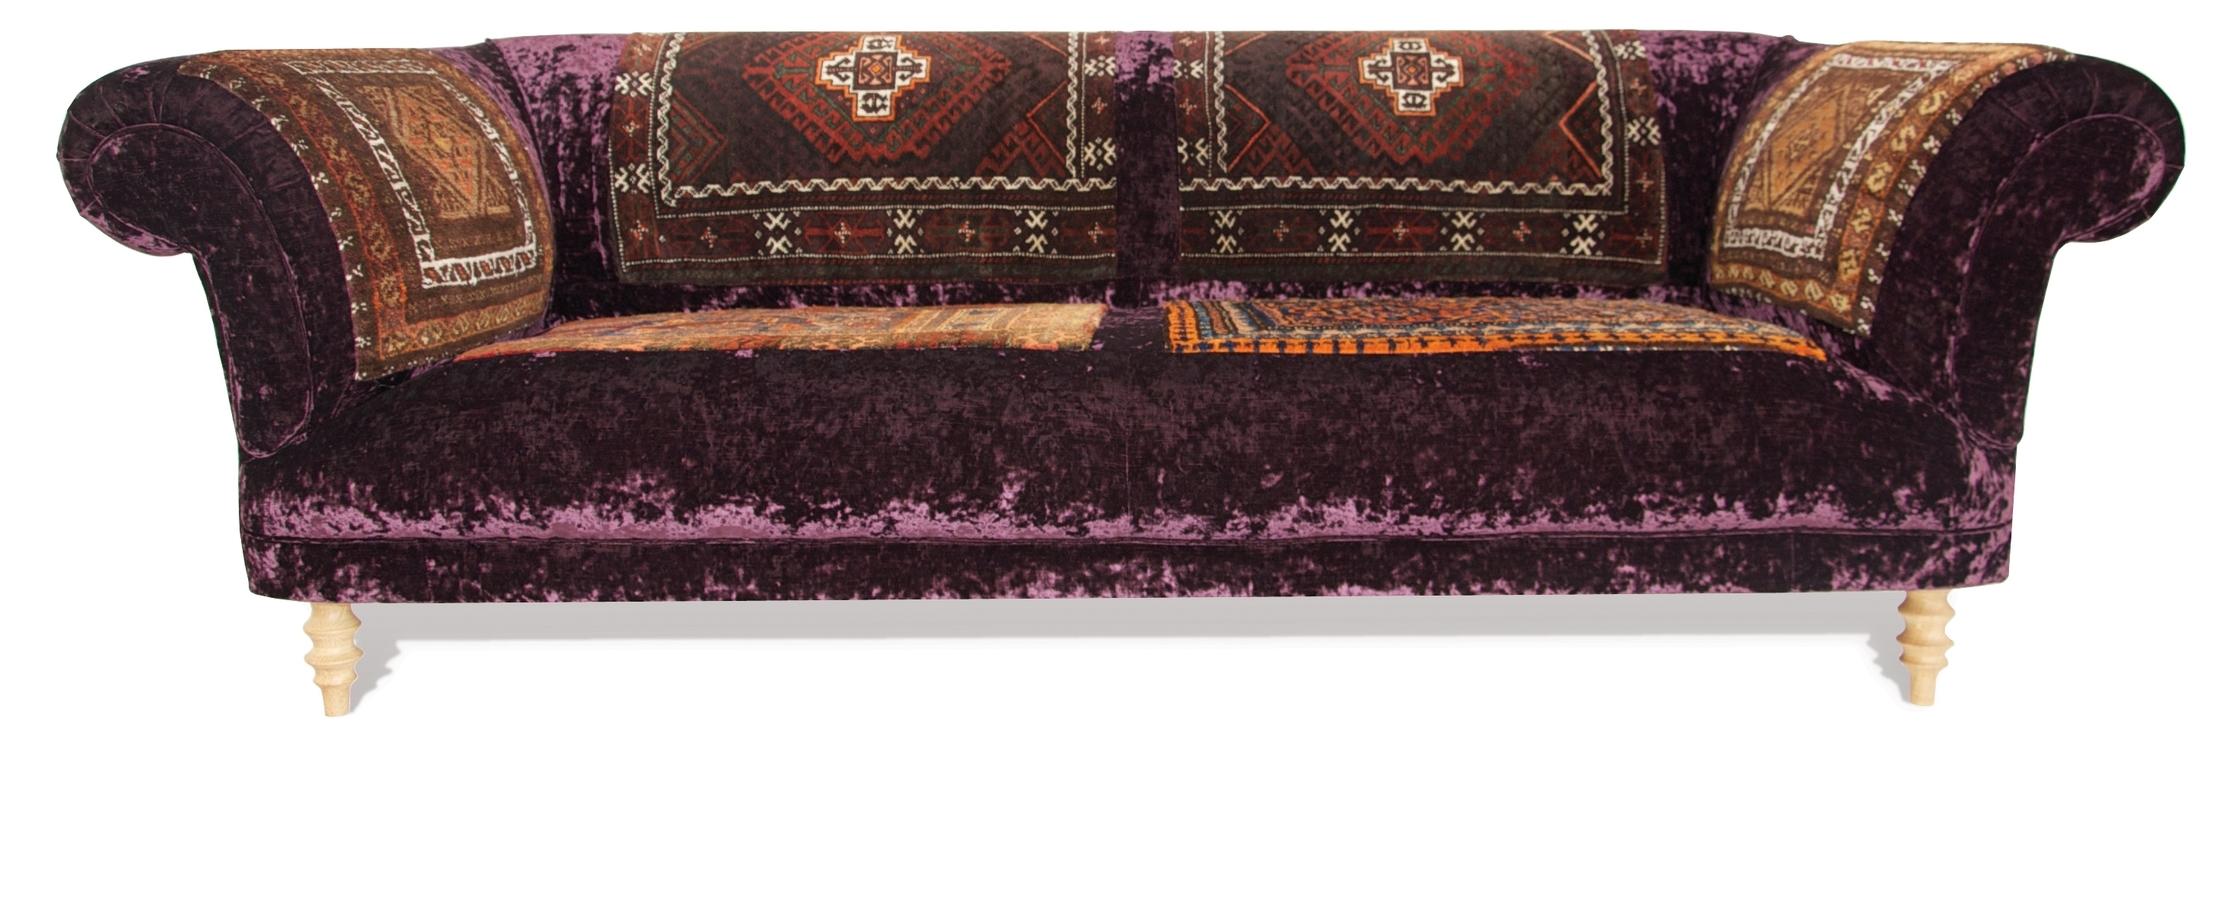 Bedouin Sofa